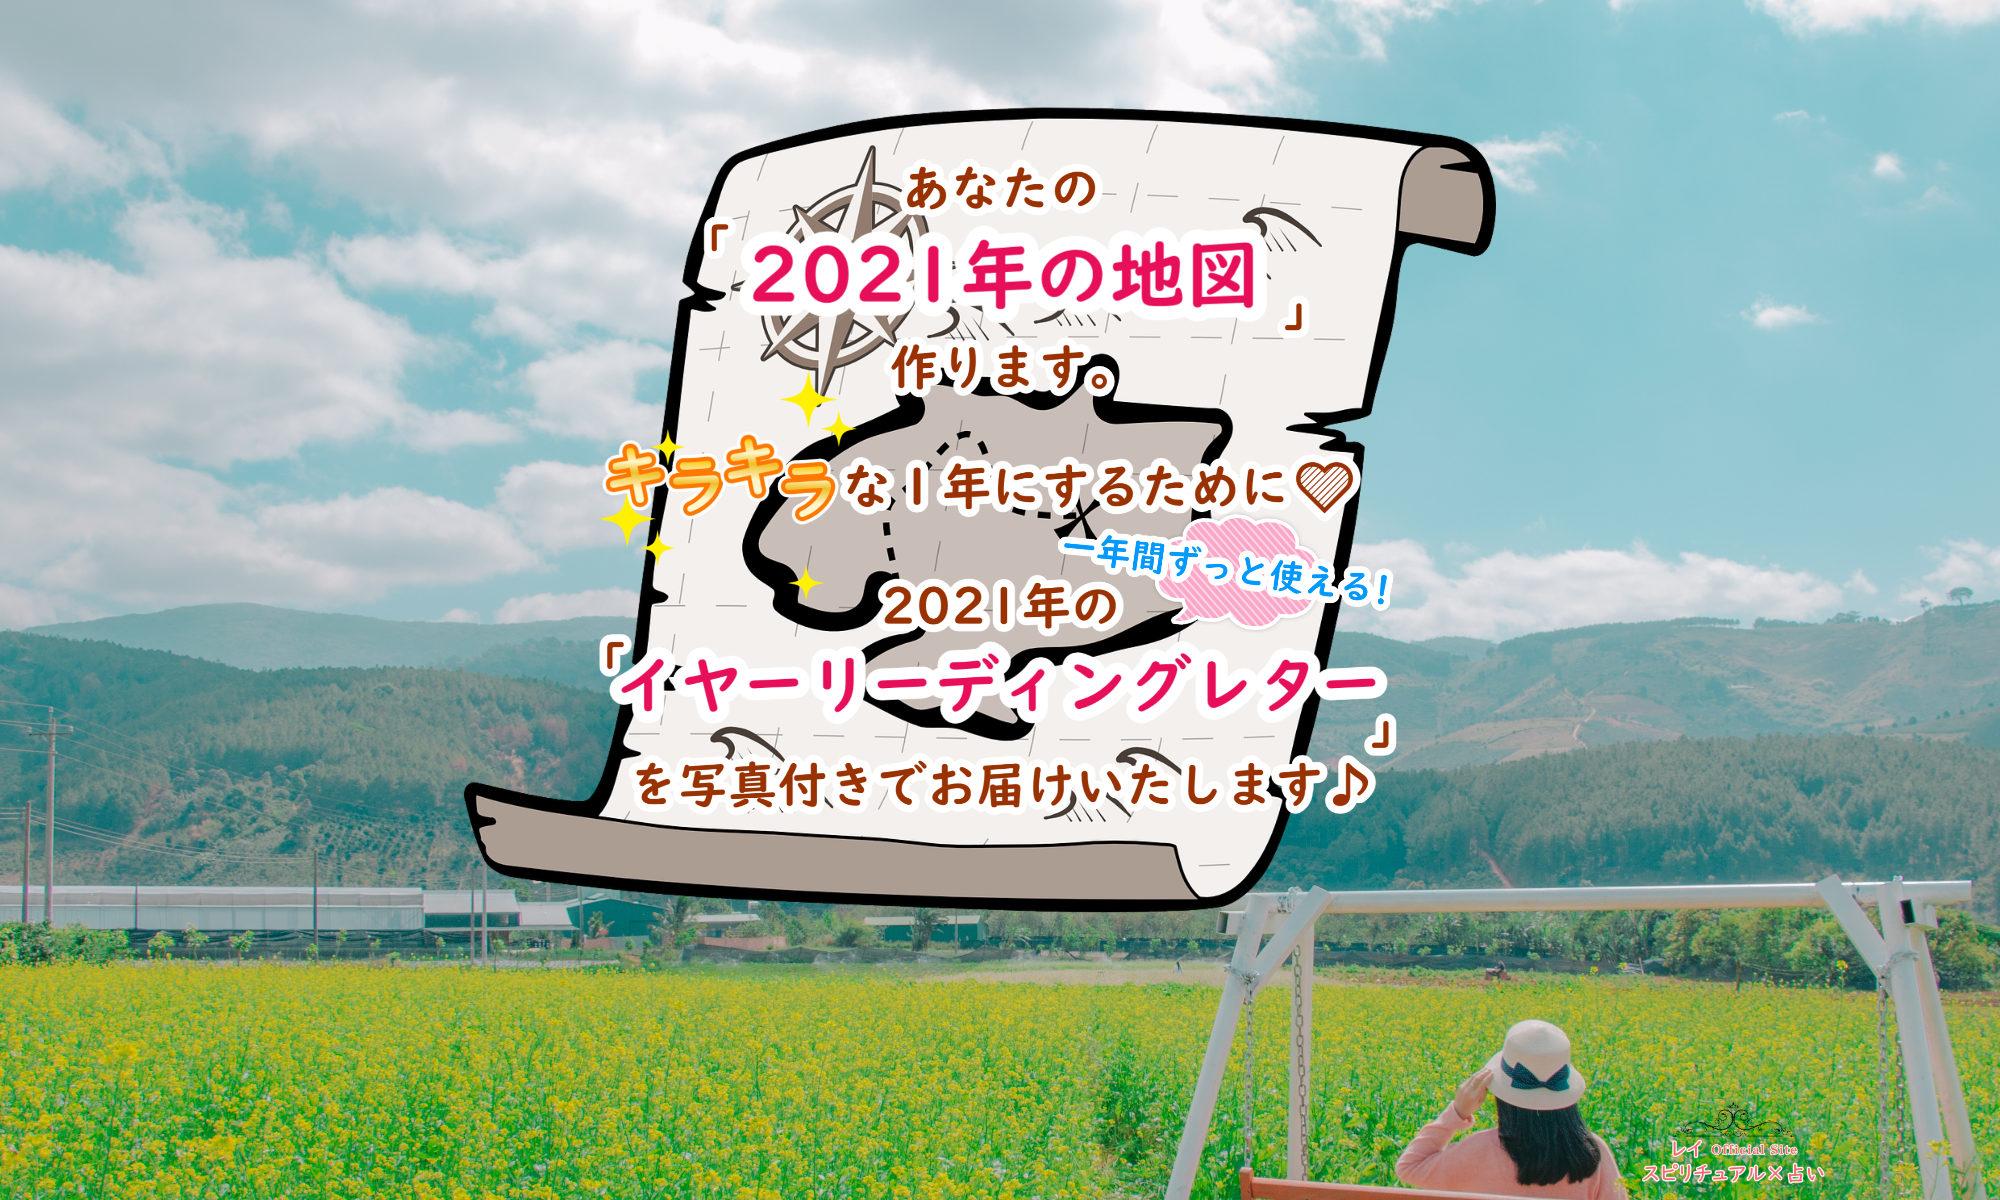 あなたの2021年をワクワクする1年にするために♡